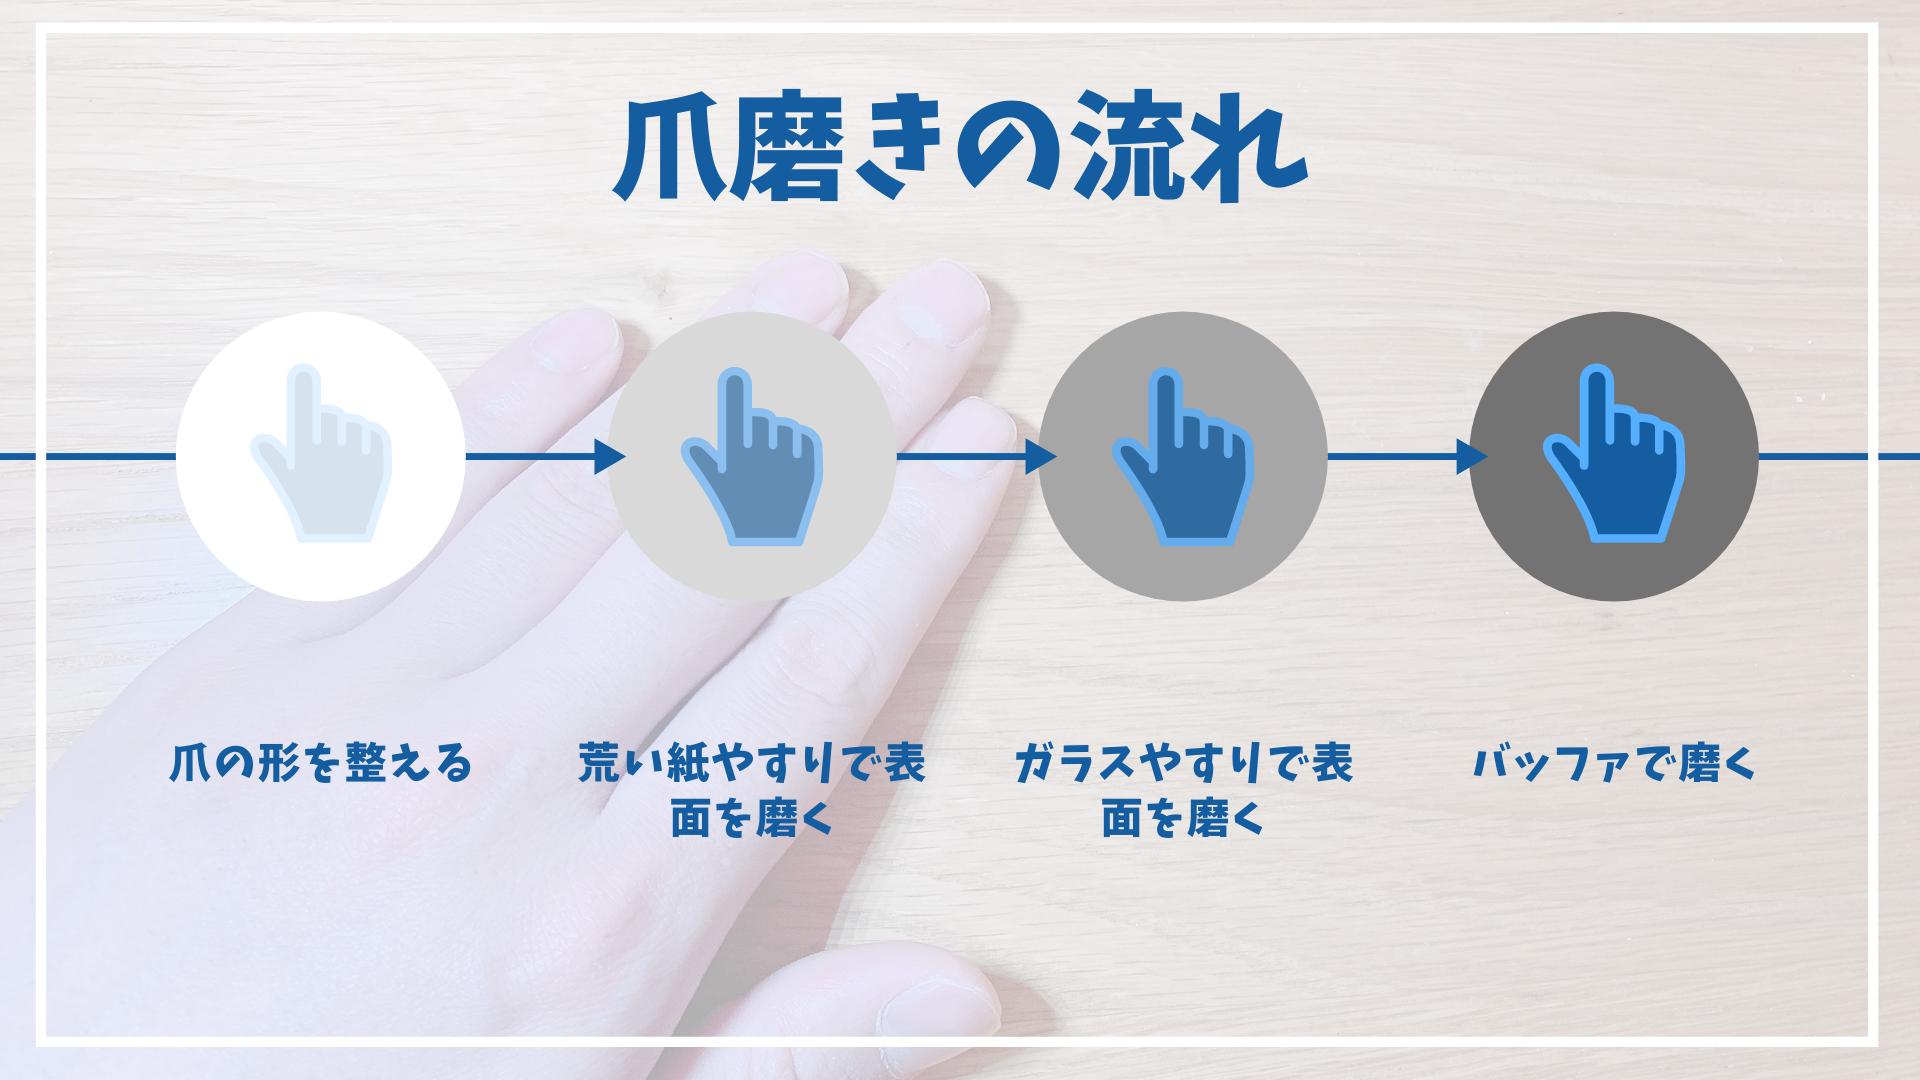 爪磨き 順番